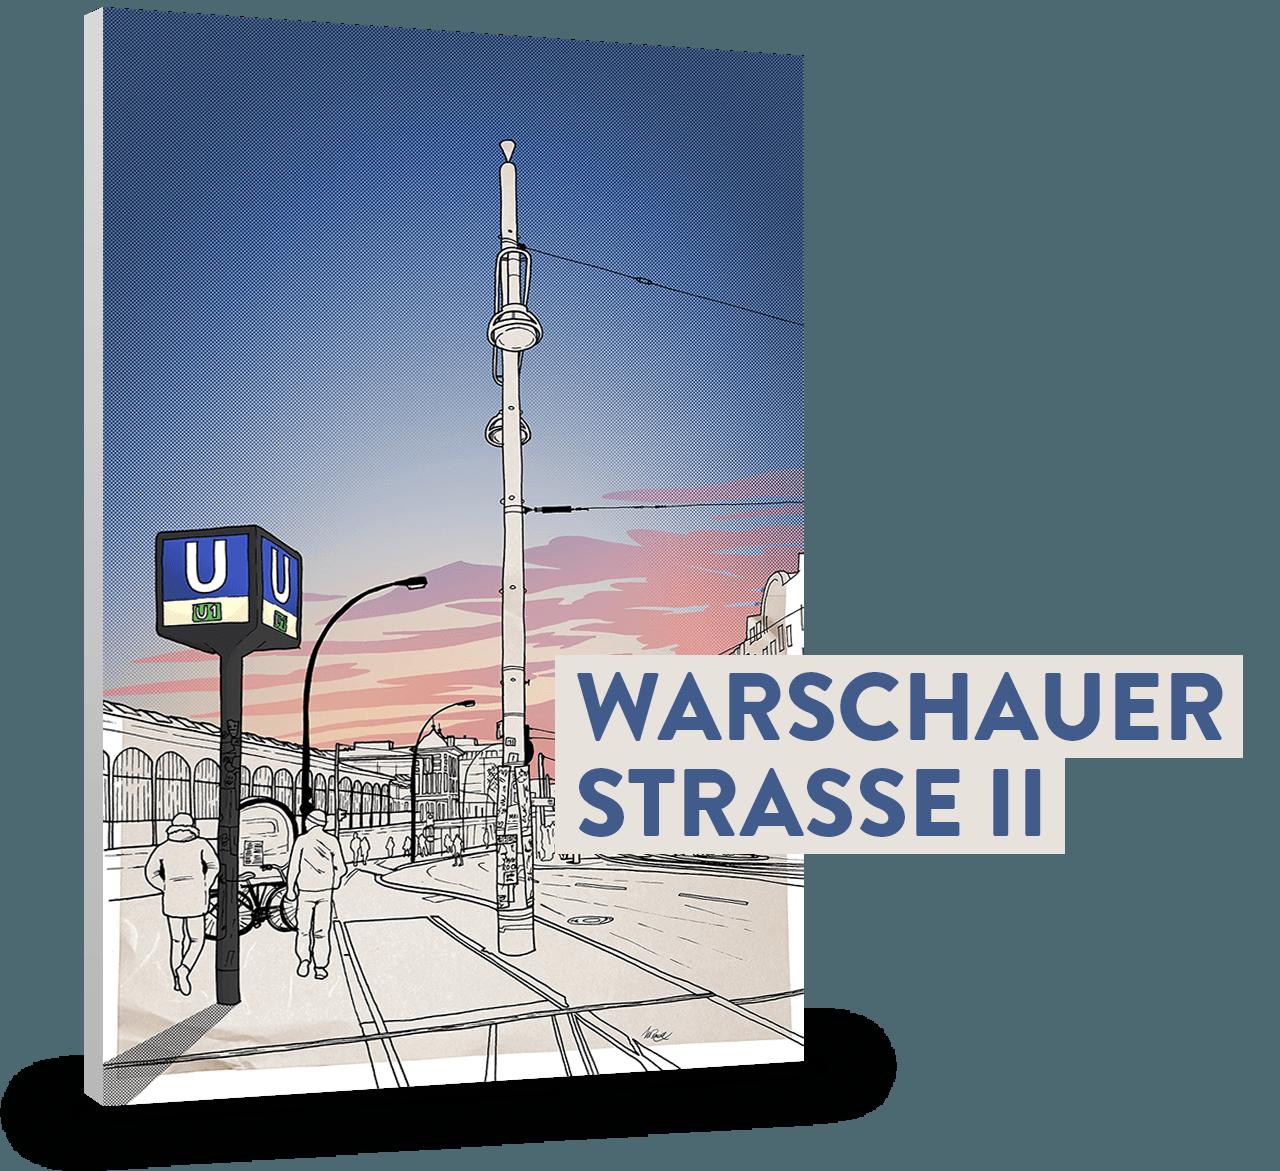 WARSCHAUER STRASSE II